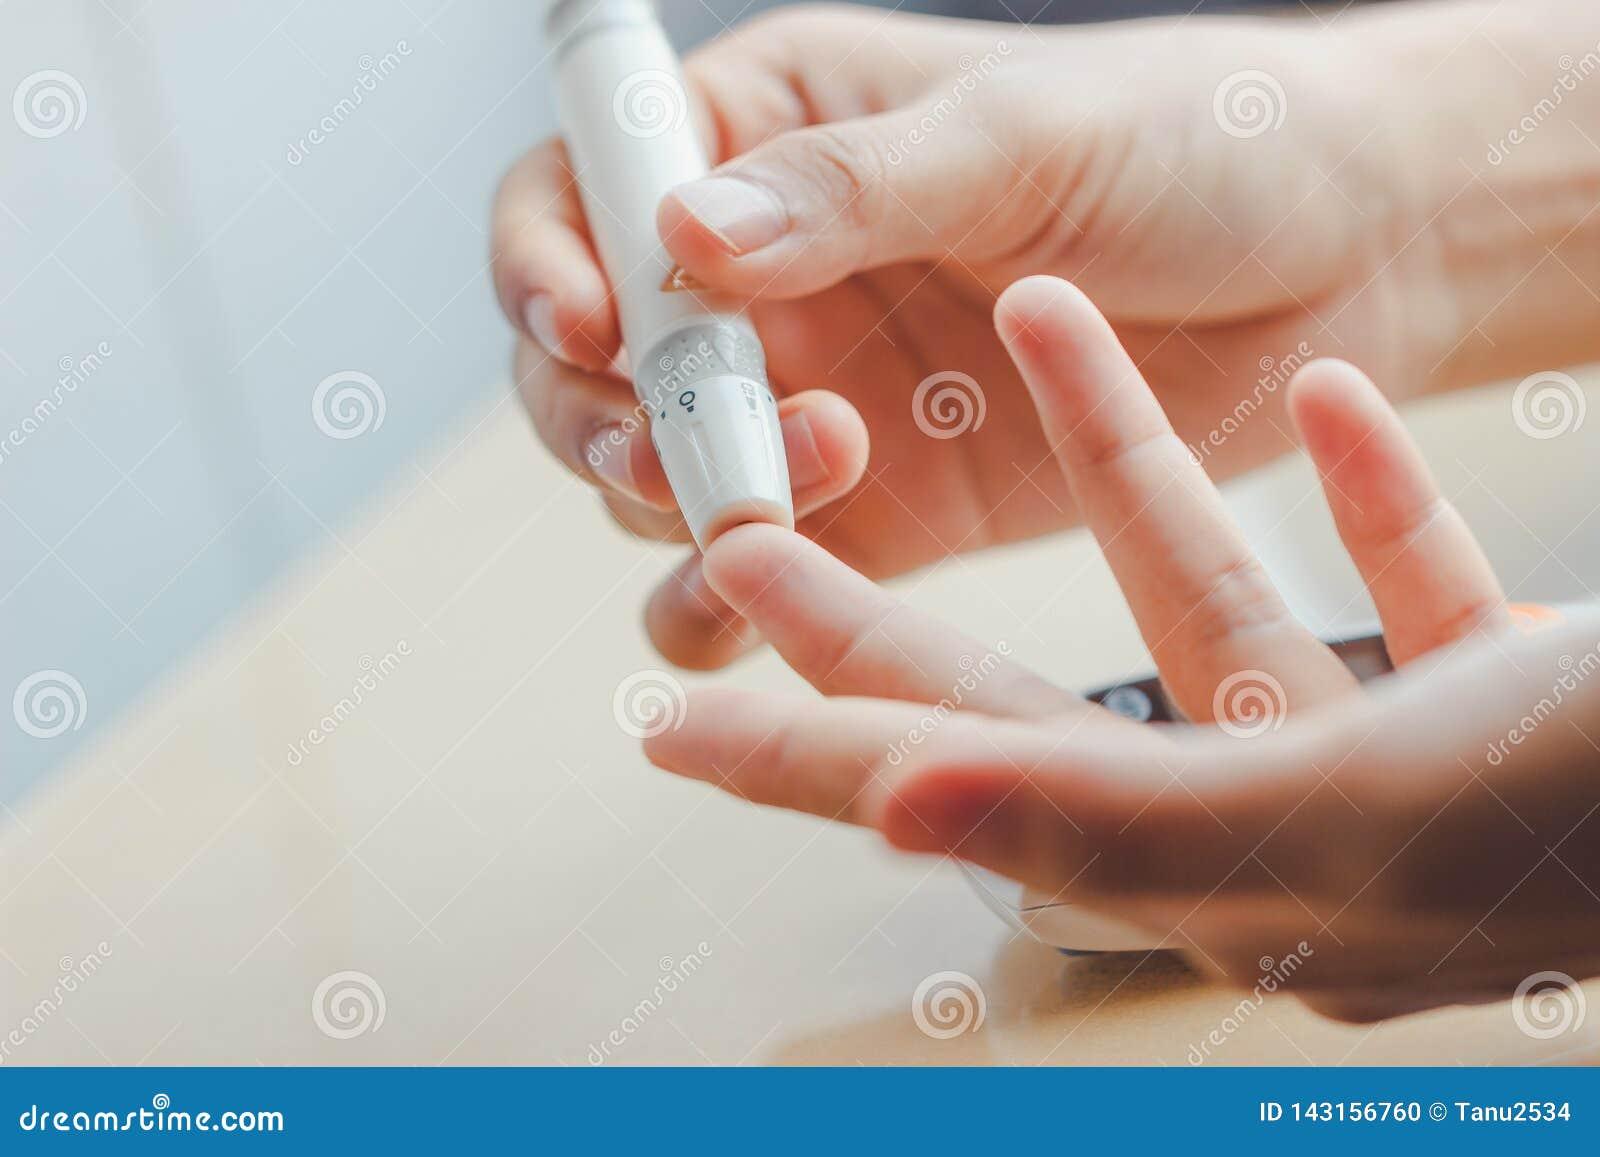 关闭妇女手使用在手指的柳叶刀由葡萄糖米检查血糖水平使用作为医学